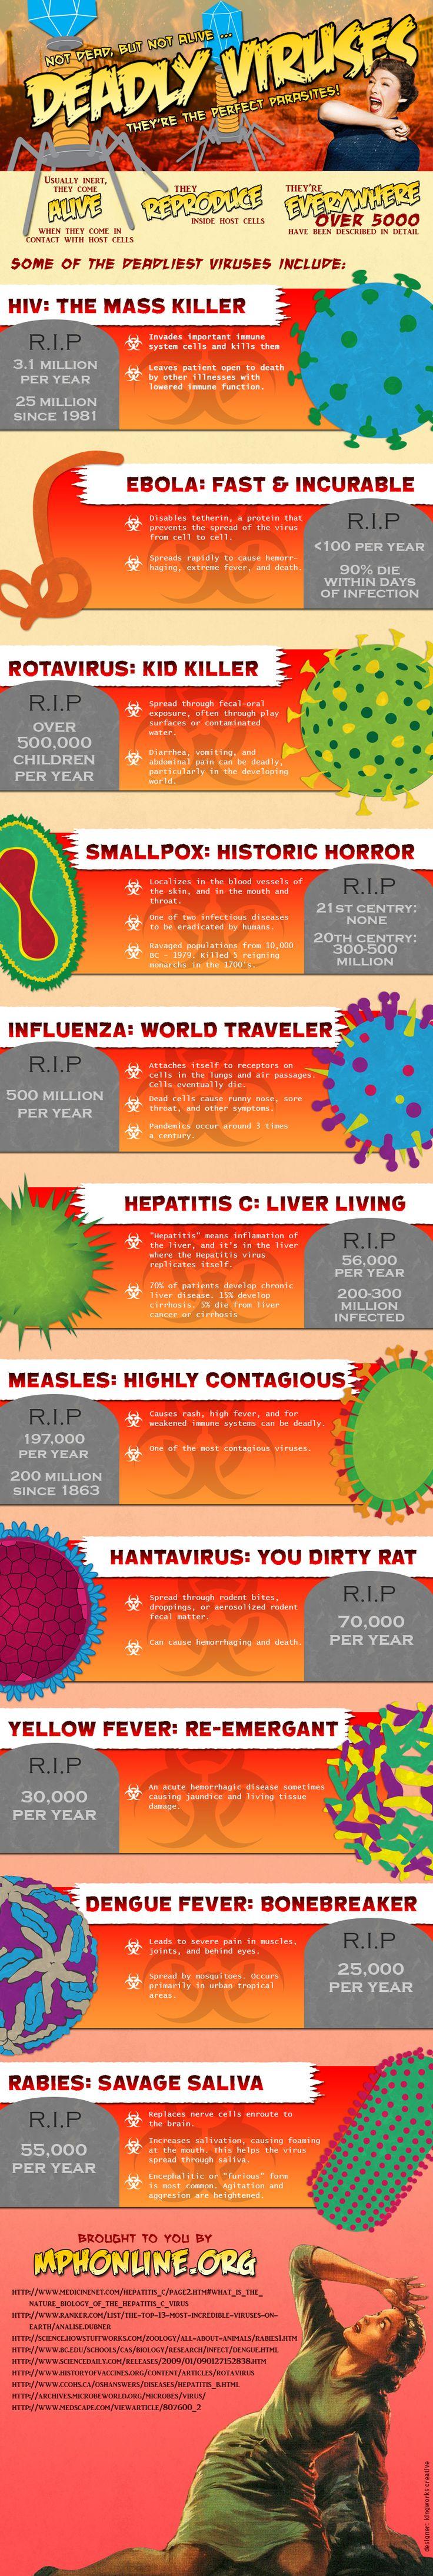 """Los virus más mortales. Infografía tipo cómic pero """"seria"""" Deadly Viruses, the perfect parasites"""